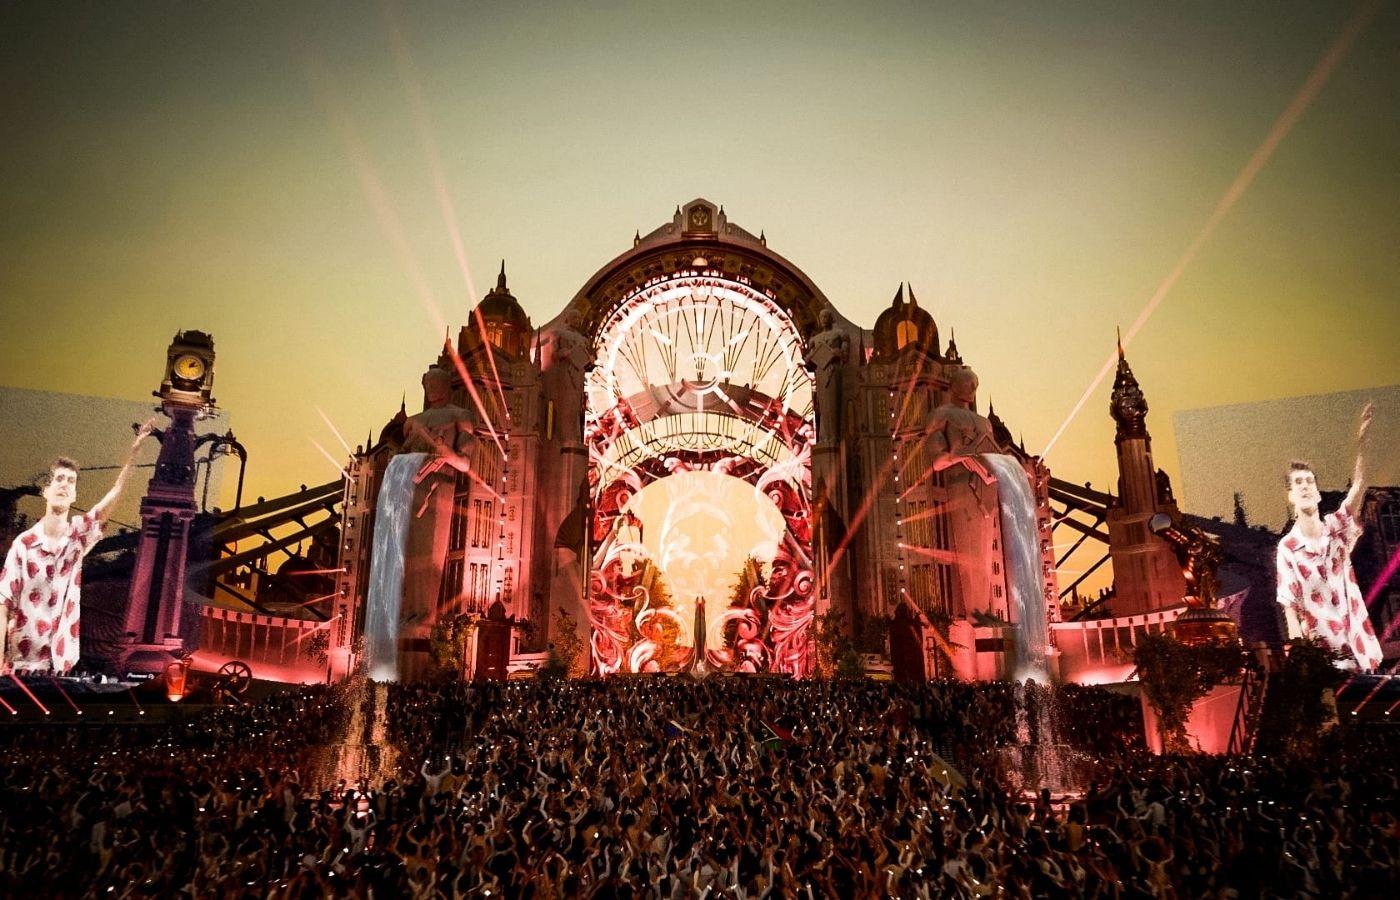 Con la edición presencial cancelada, Tomorrowland dio detalles de su próximo festival virtual